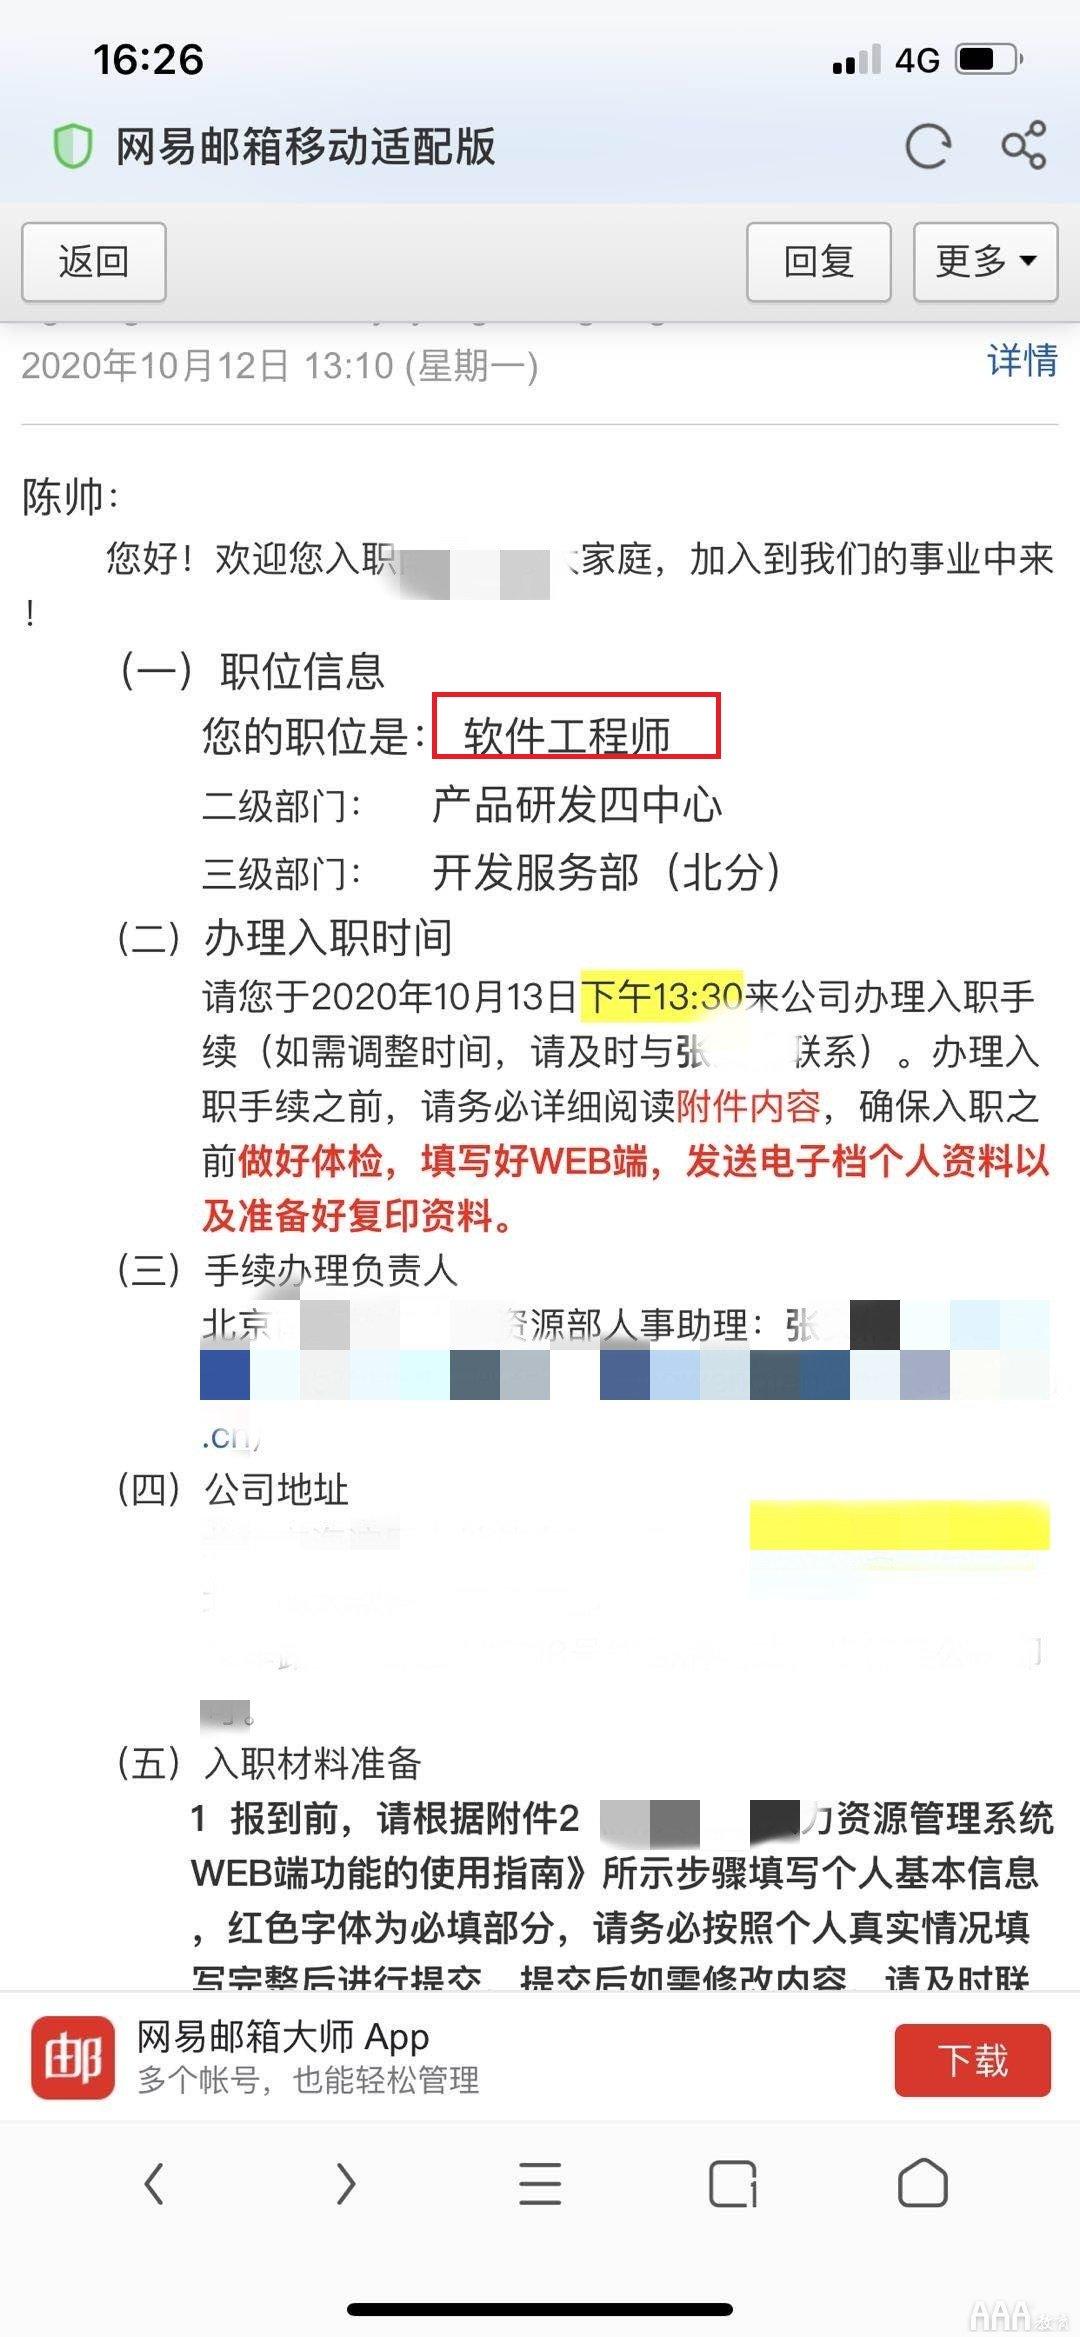 恭喜大数据分析125班陈同学喜提offer15000